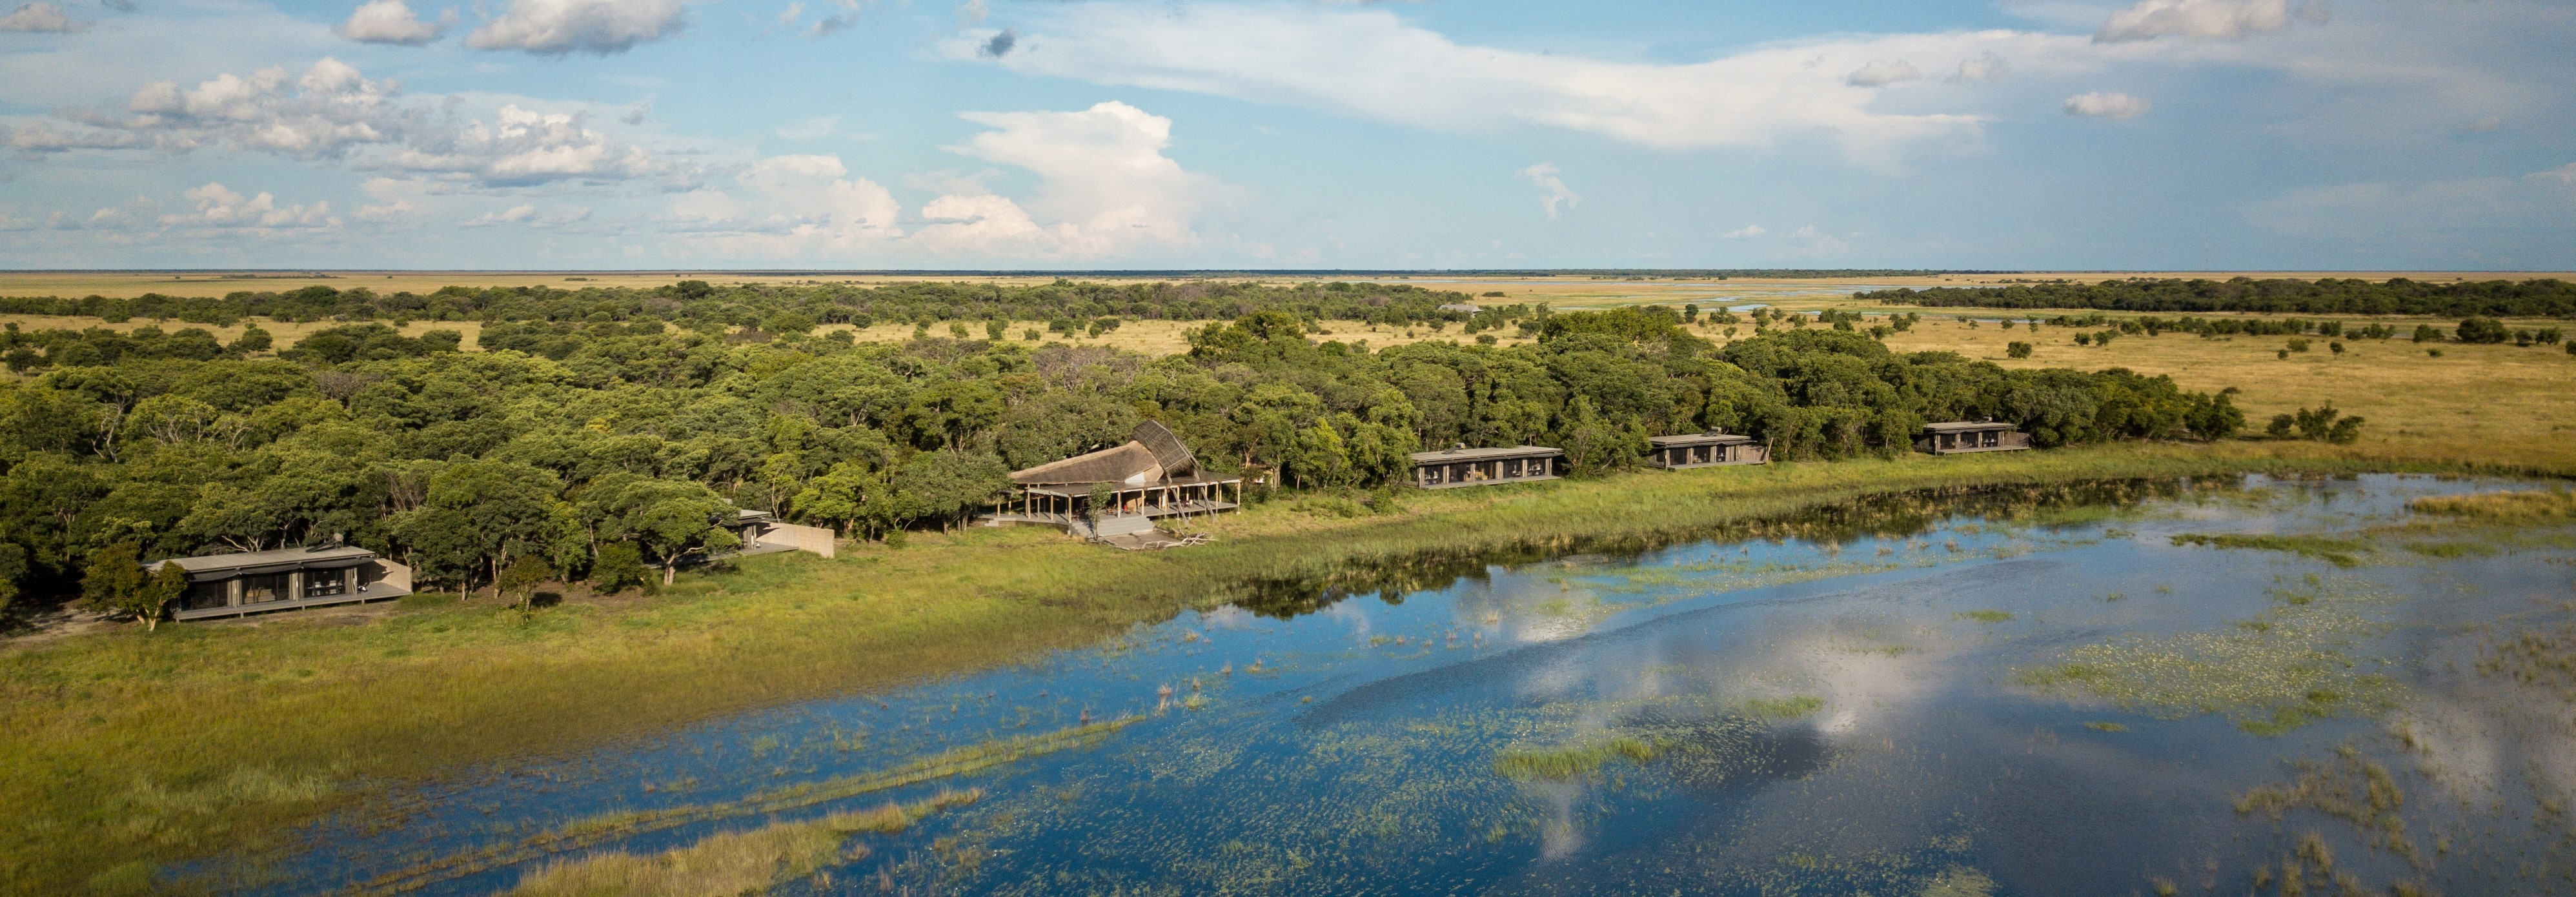 King-Lewanika-Lodge-Zambia